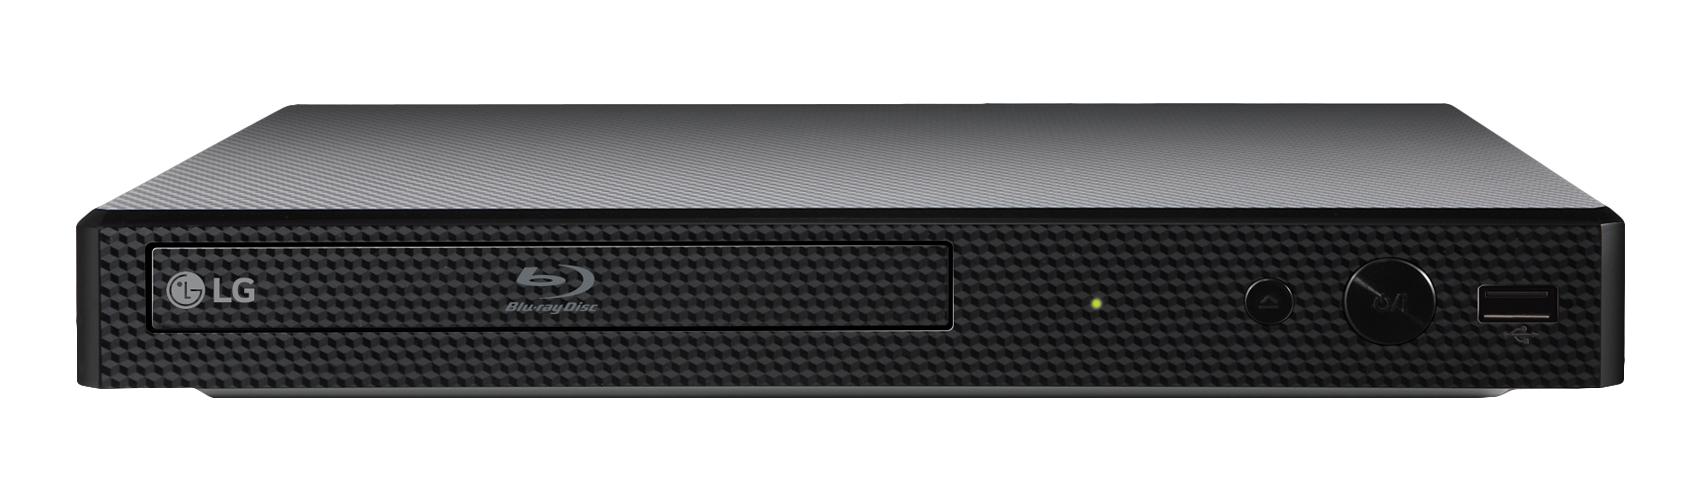 LG BP250 DVD/Blu-Ray player Black